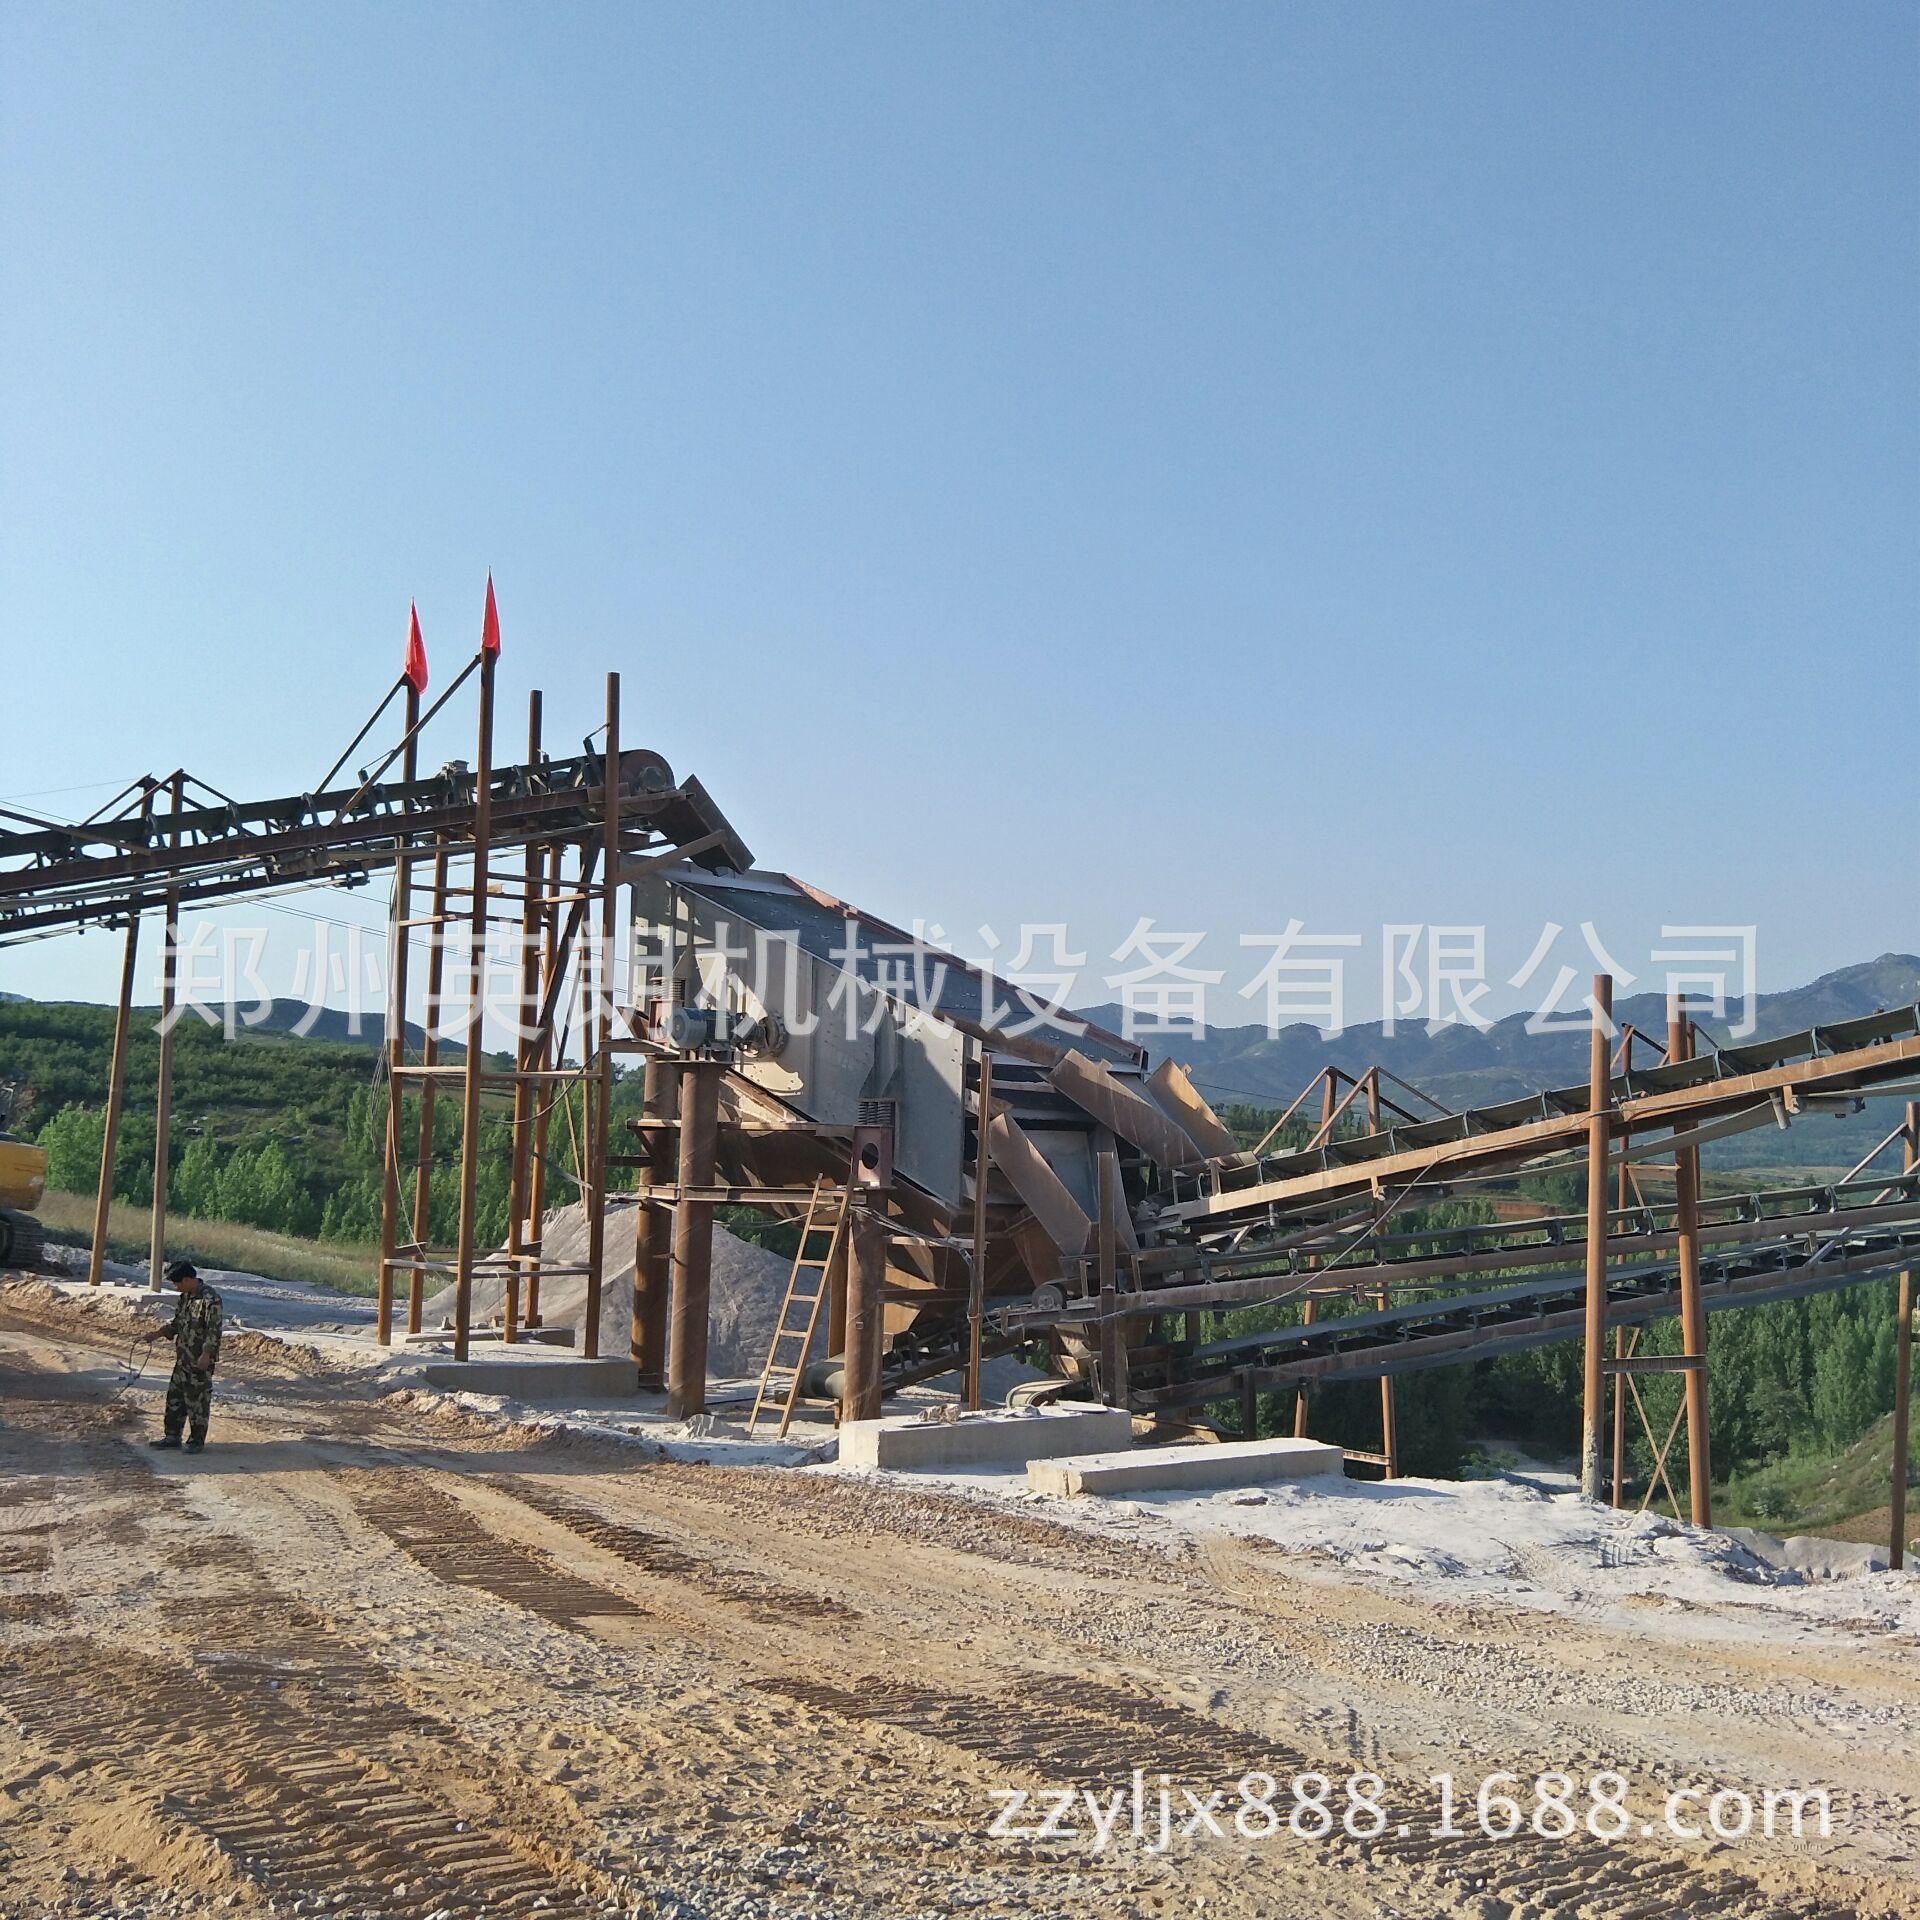 新型高效石料生产线 石料制砂生产线 花岗岩矿石破碎生产线报价示例图4